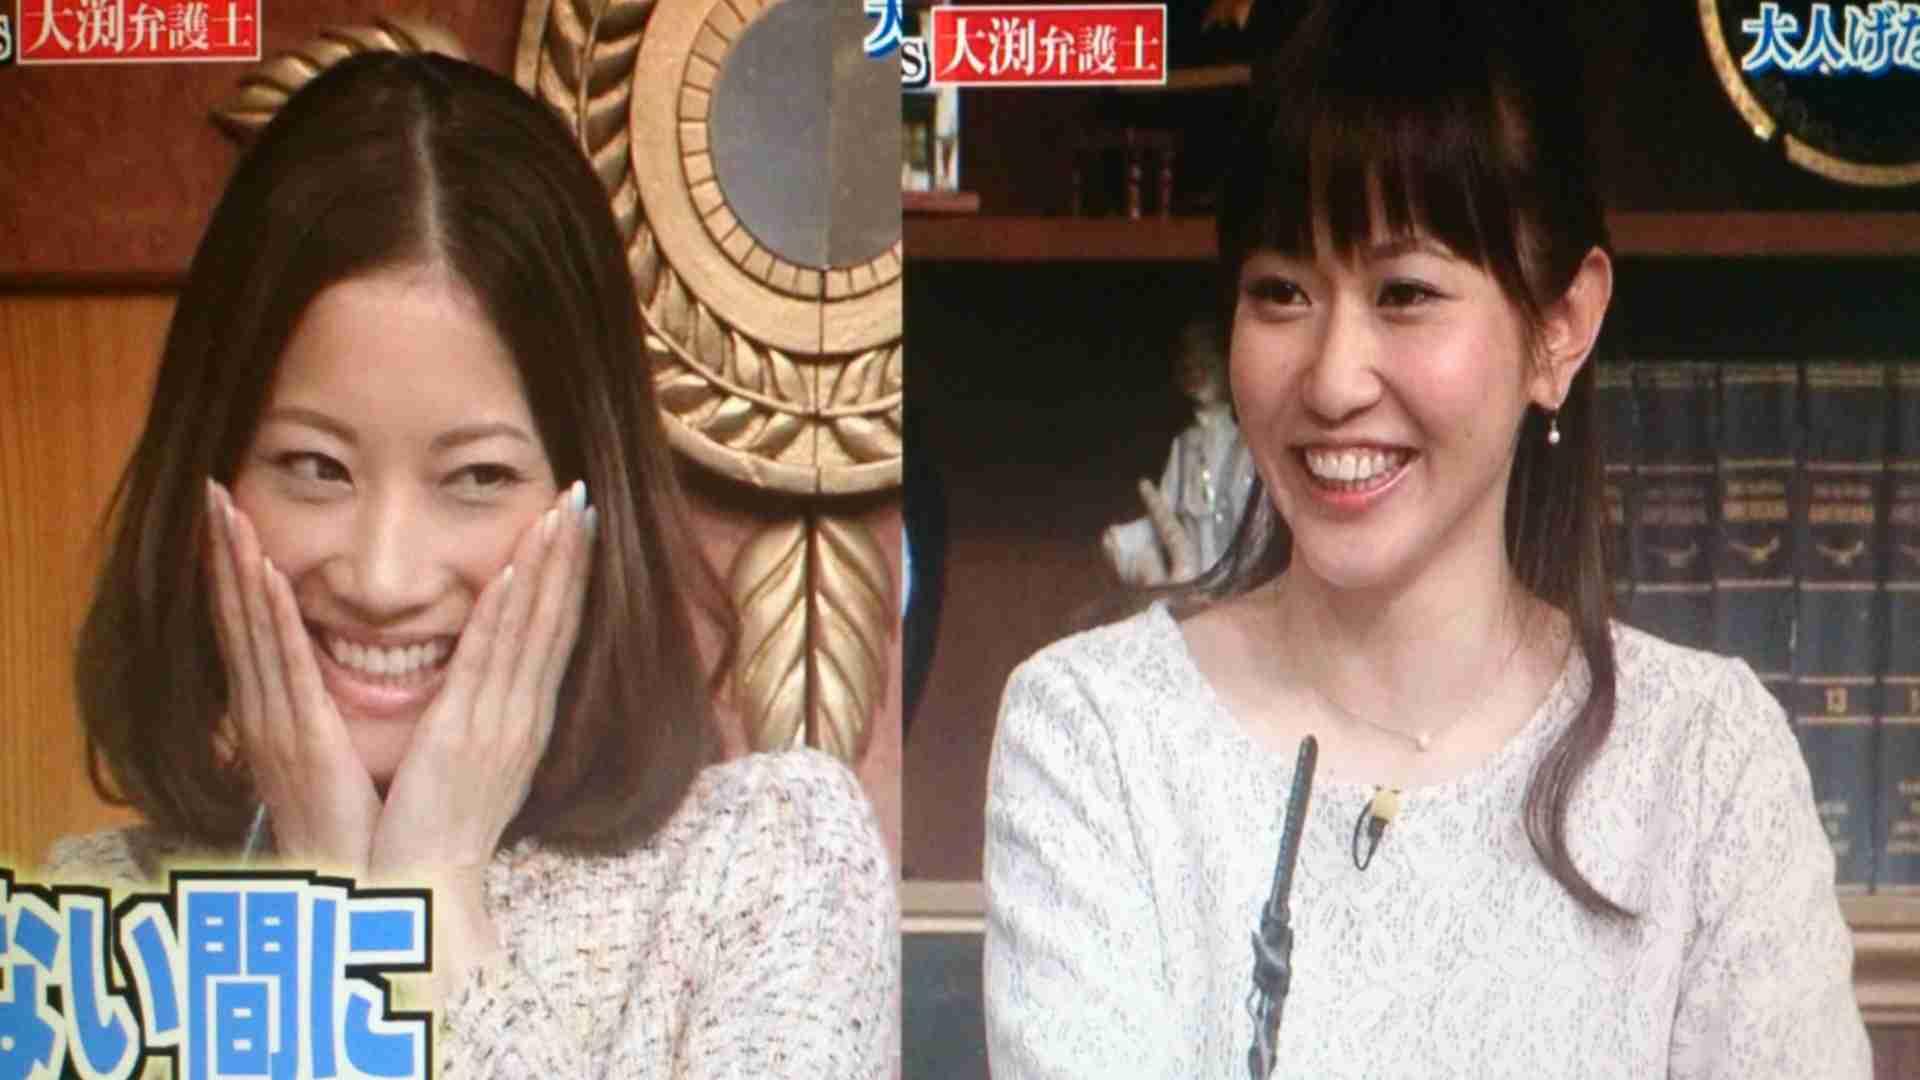 大渕愛子弁護士が第2子を妊娠「行列のできる法律相談所」で発表